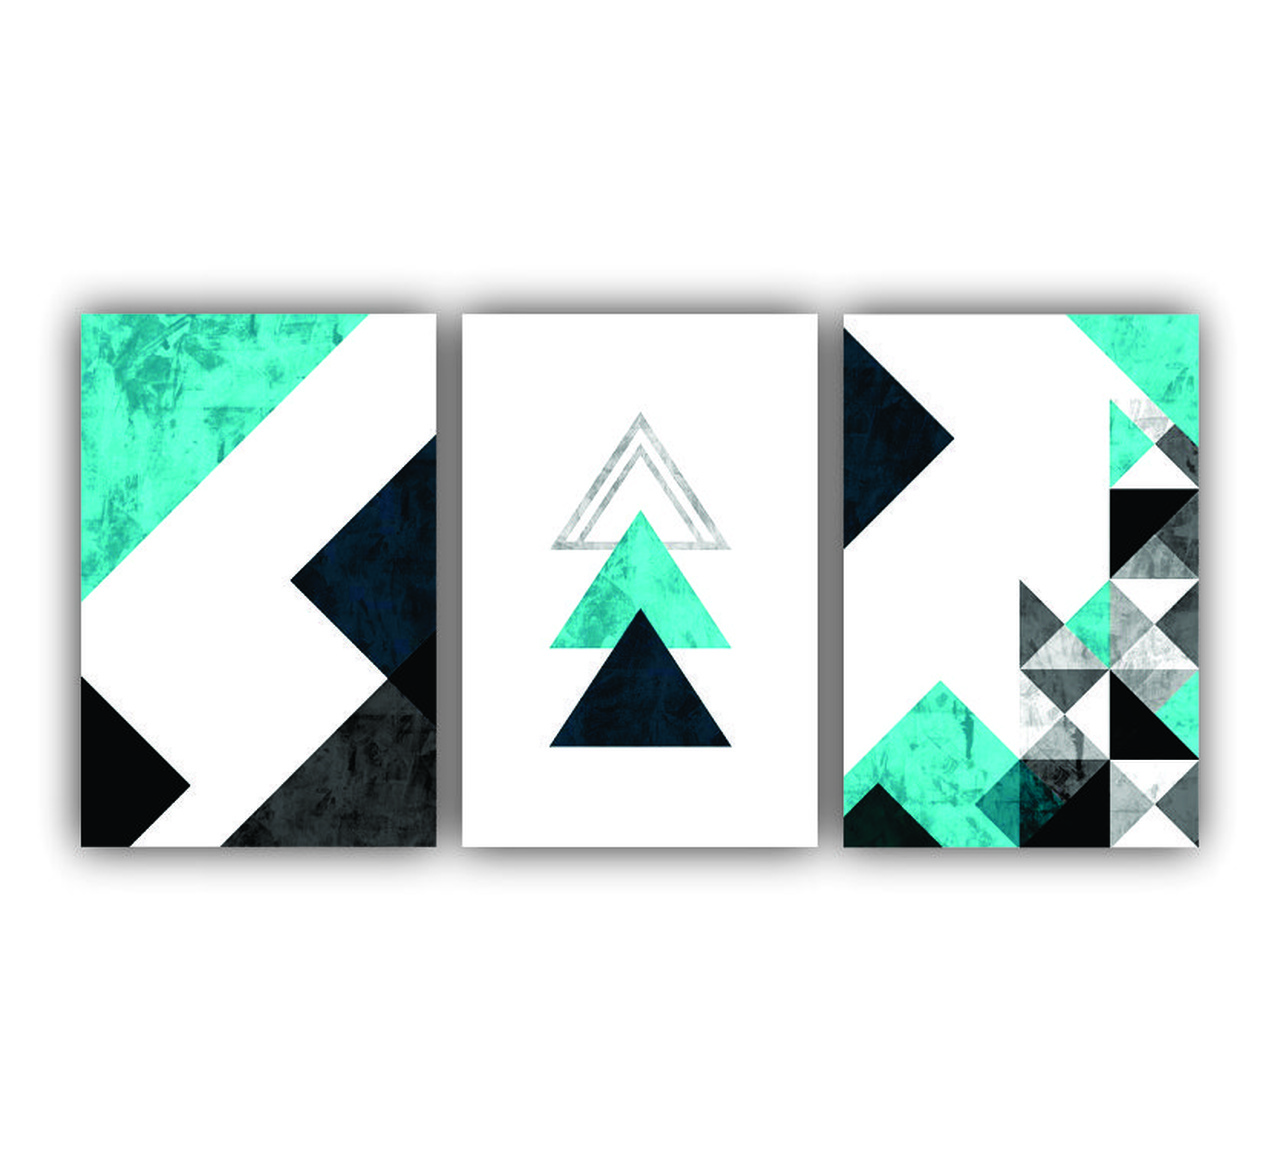 Quadro Abstrato Geométrico Tons de  Azul Com Preto e  Branco  - Kit 3 telas